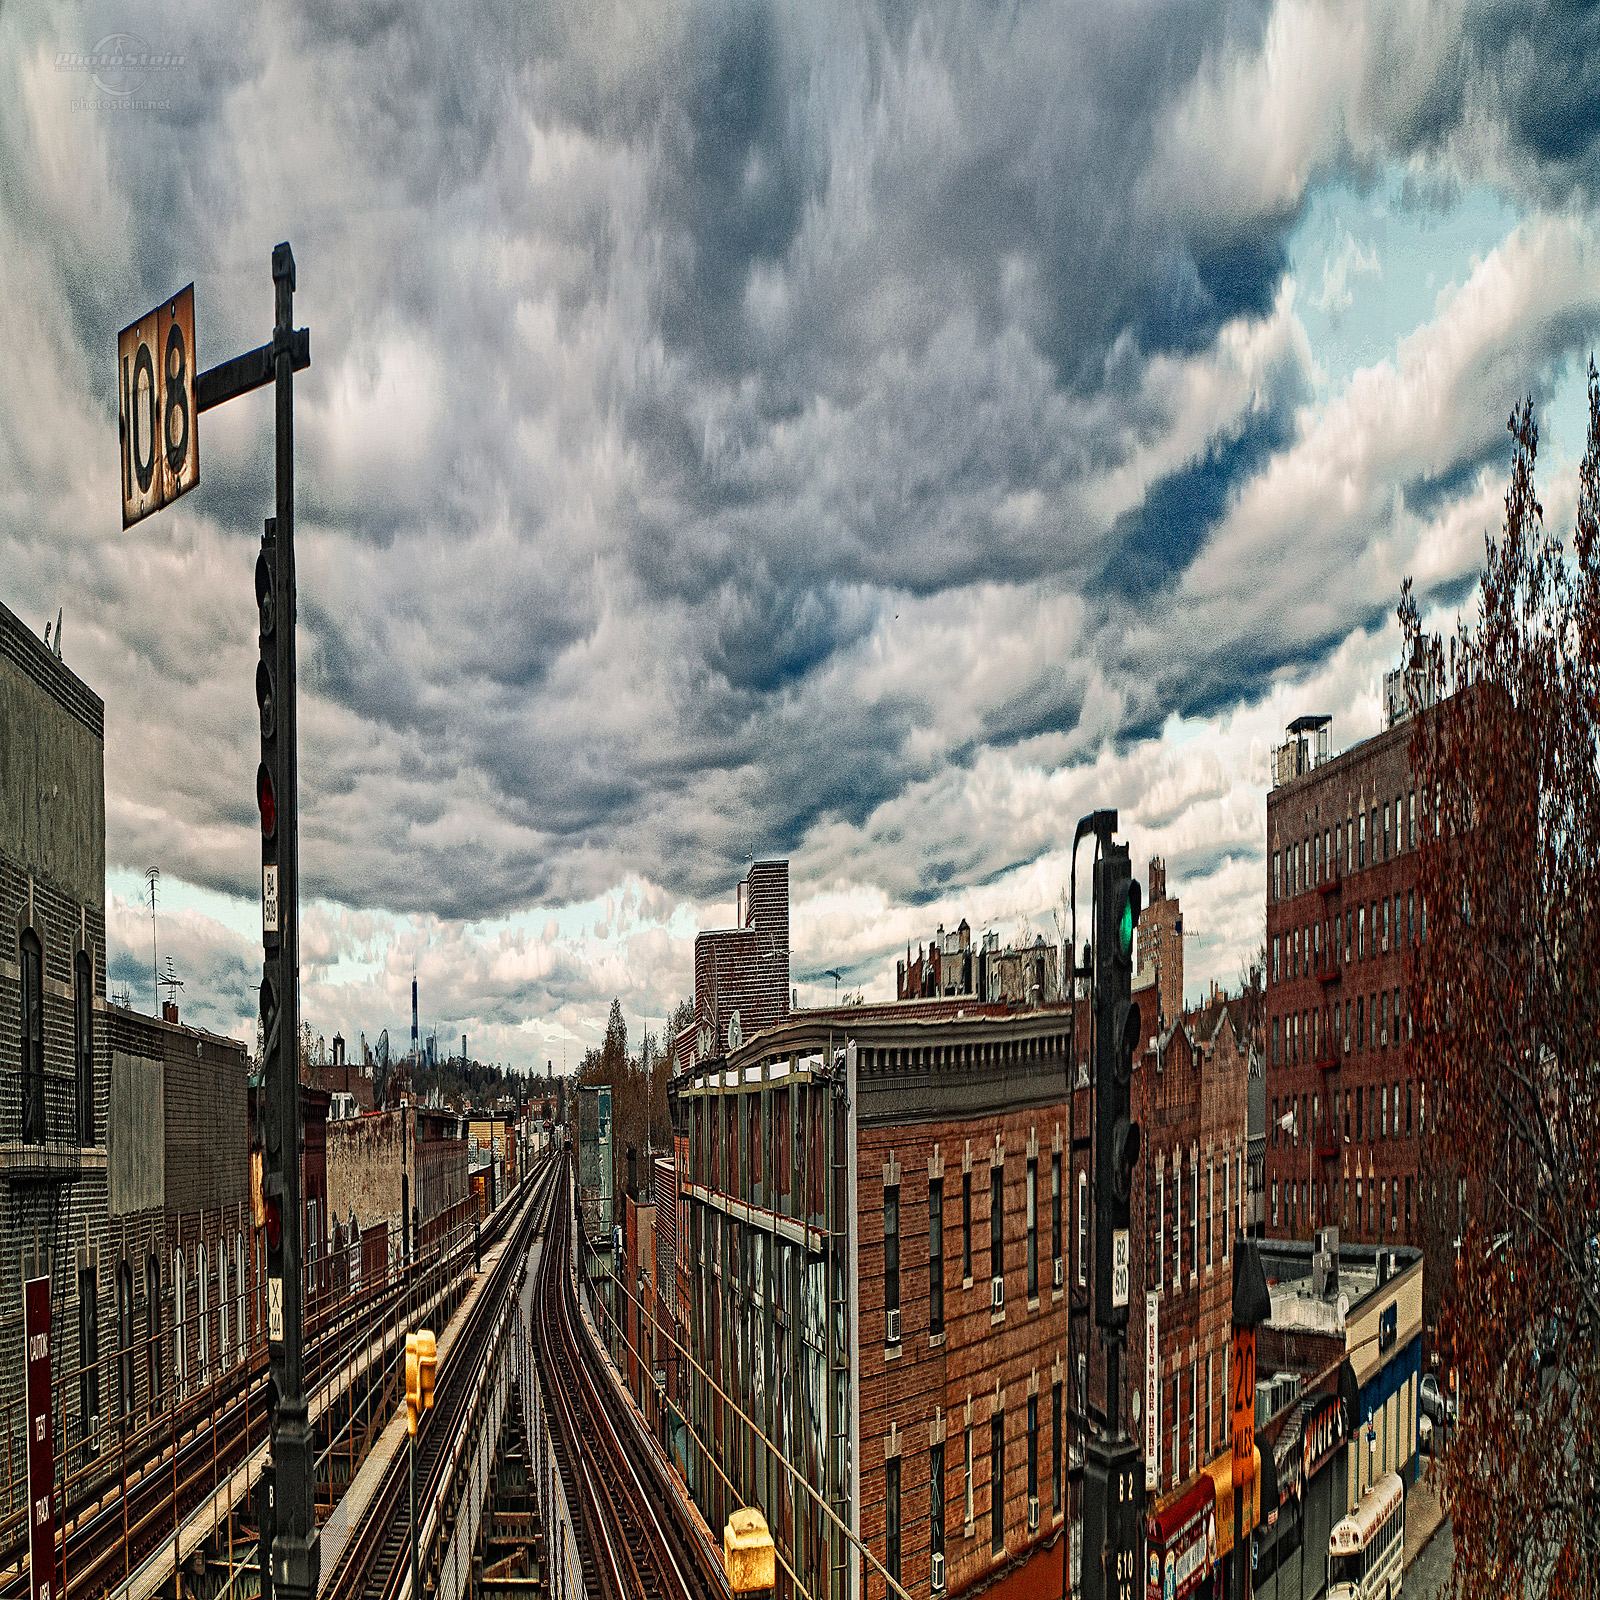 subwaytrucks_clouds_1600